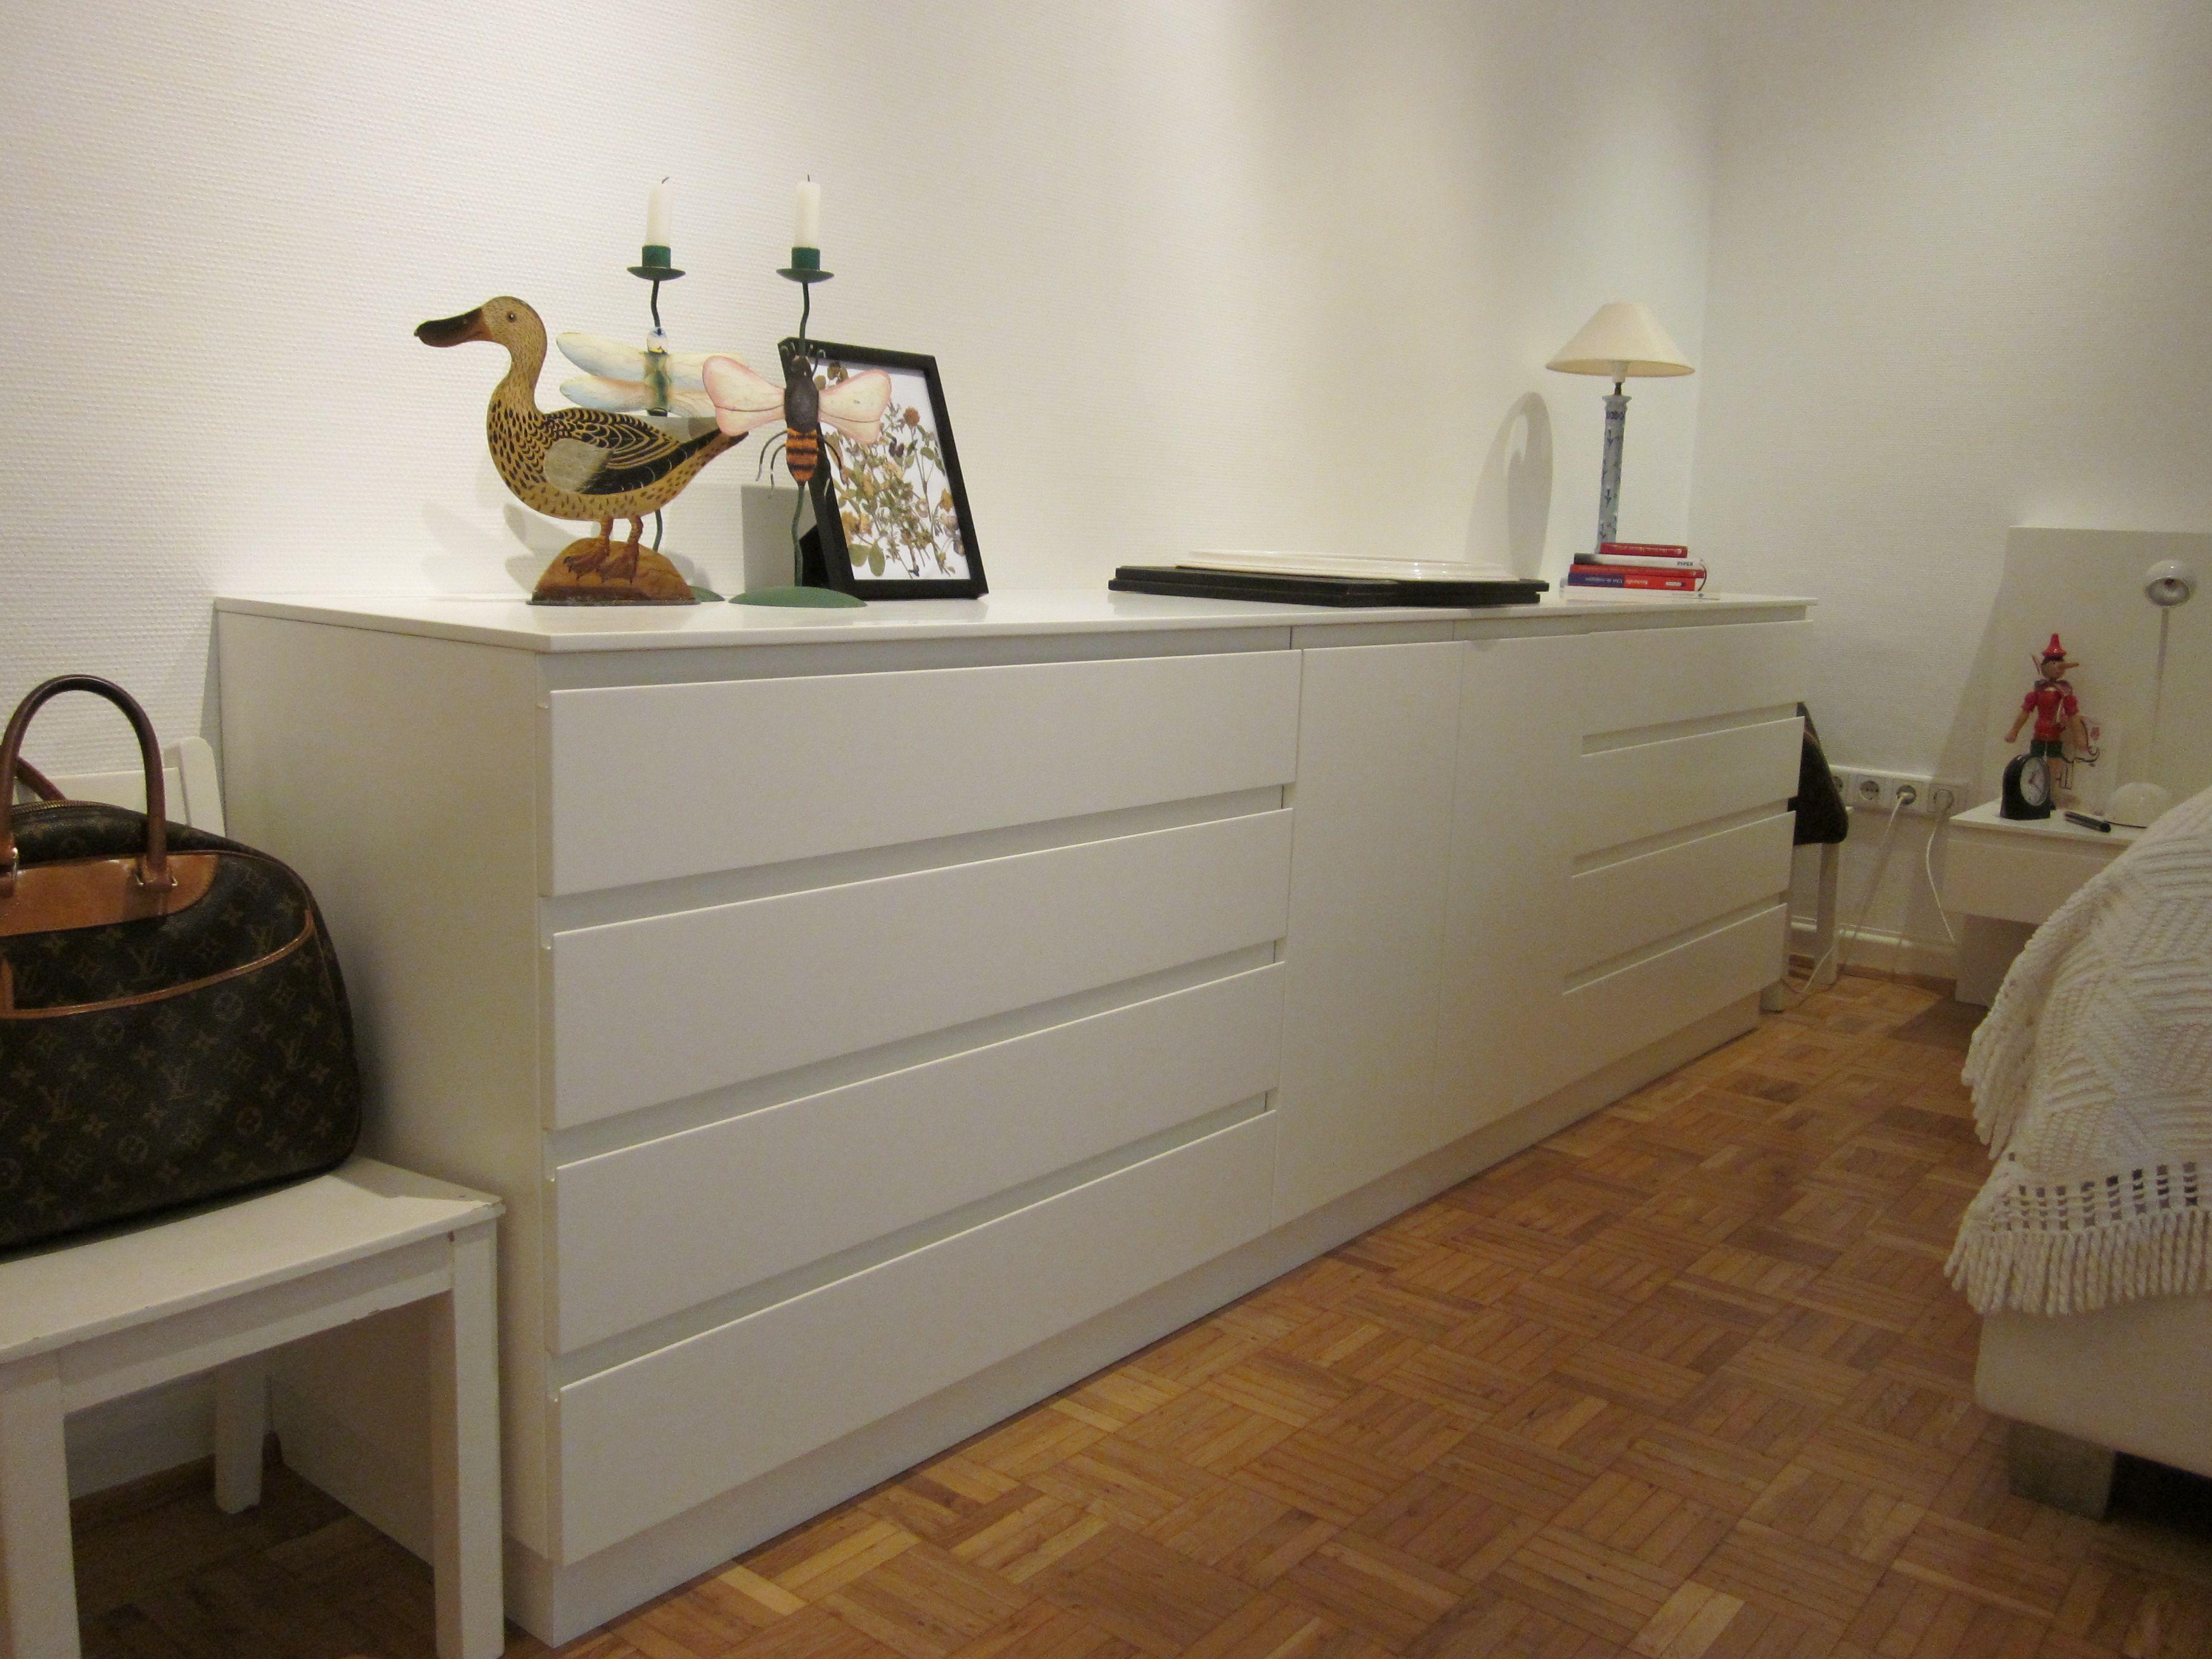 Schlafzimmer Anrichte ~ Schlafzimmer kommode sideboard stauraum koitka